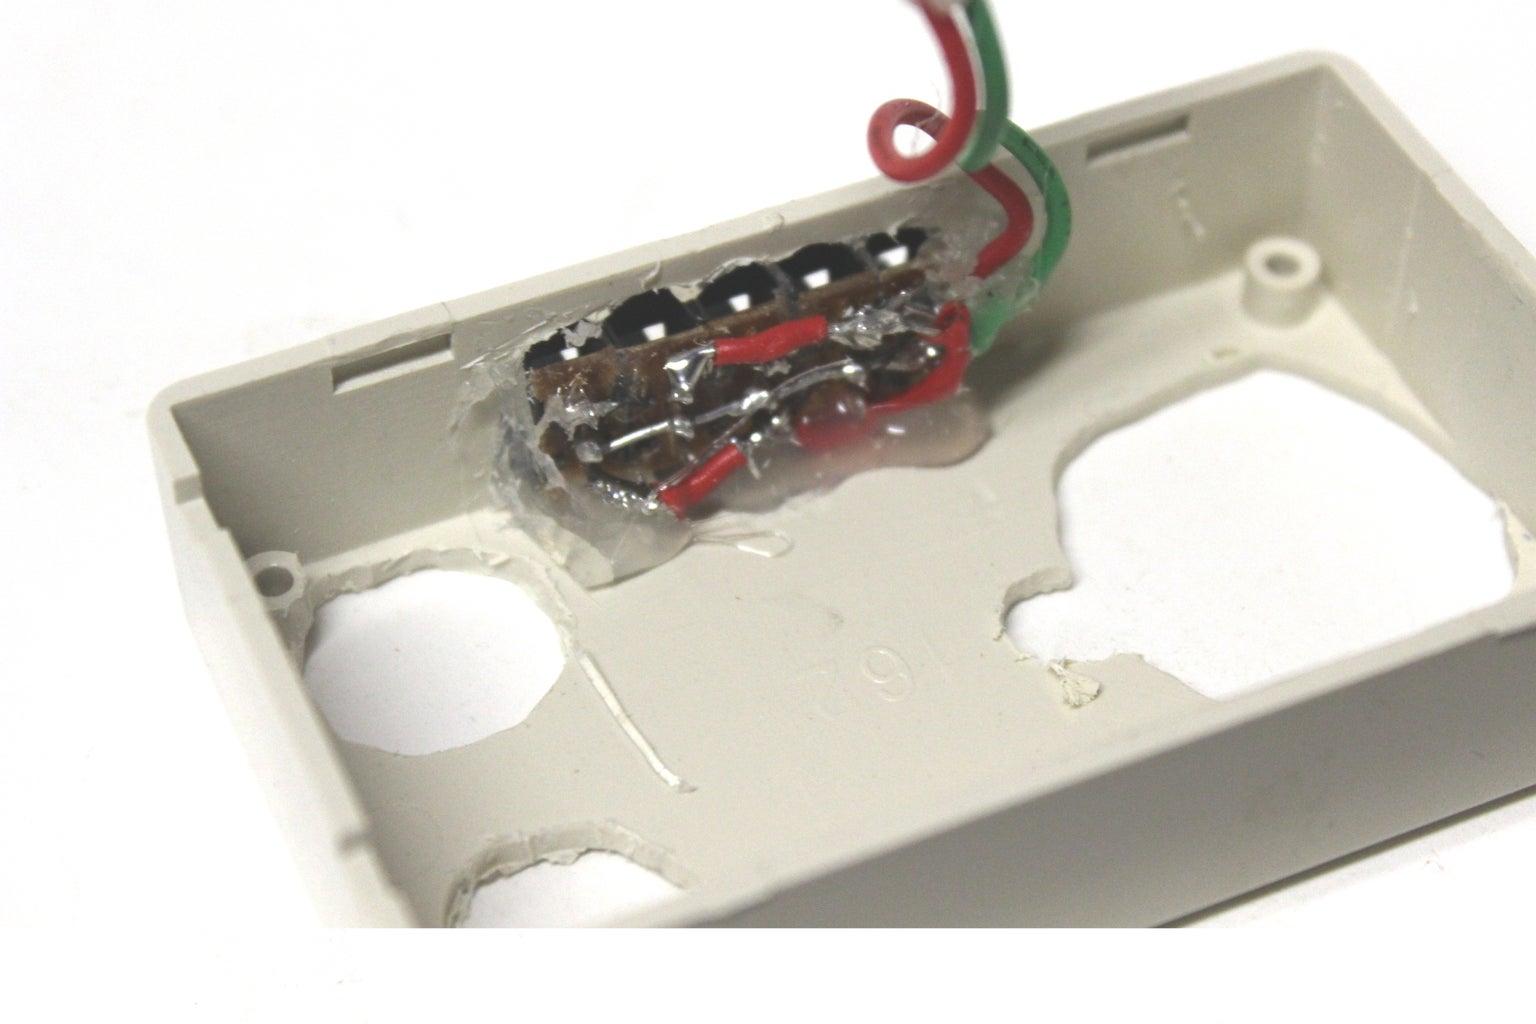 Hot Glue Security Switch